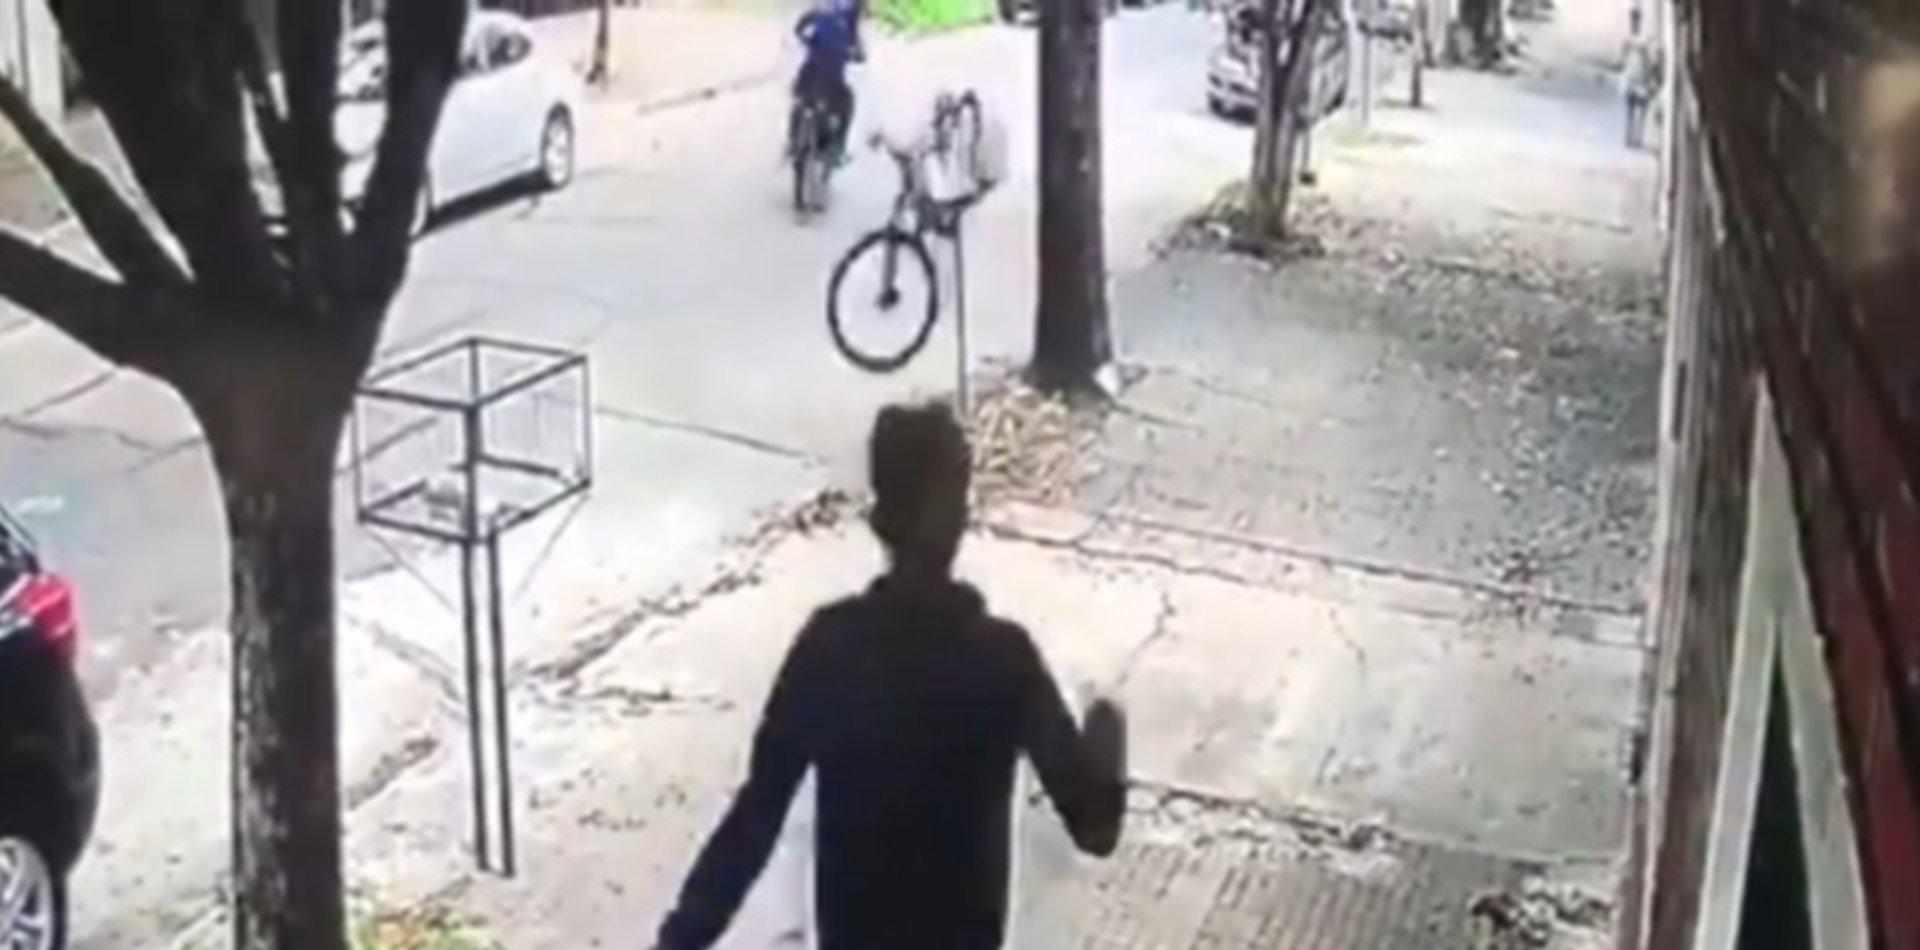 VIDEO: Asaltaron a un ciclista en La Plata y se les enganchó la bicicleta en un canasto